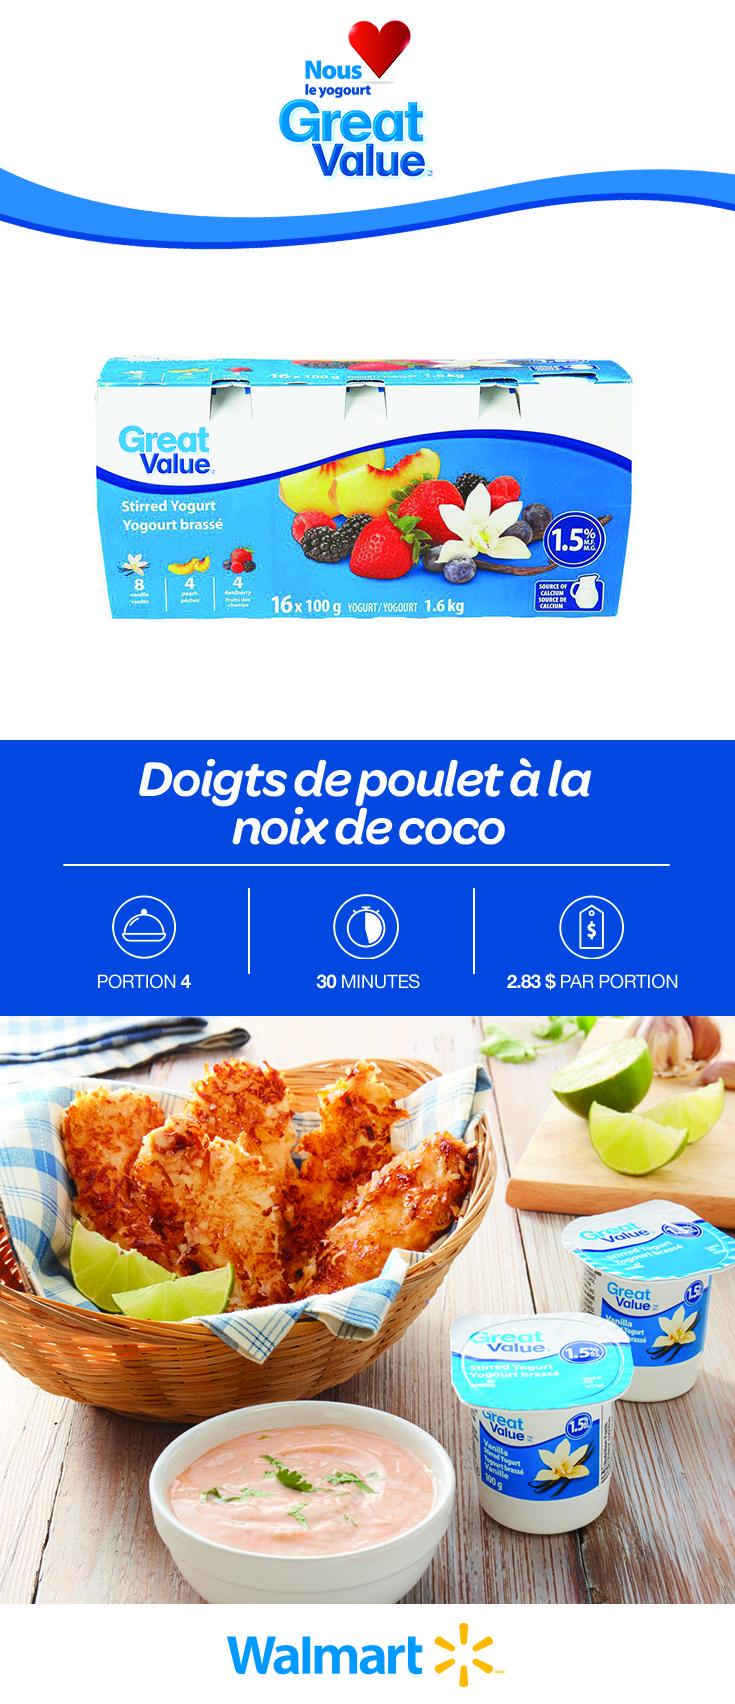 Voici une petite gâterie qui fera le bonheur des tout-petits: des doigts de poulet à la noix de coco. Utilisez notre yogourt Great Value comme trempette pour leur donner un goût acidulé. Seulement $2,83 par portion. Trouvez cette recette abordable en cliquant sur le lien! #recettesdepoulet #pouletàlanoixdecoco #doigtsdepoulet #doigtsdepouletàlanoixdecoco #recettesdedoigtsdepoulet #repaspourenfants #souperspourenfants #souperssimples #recettesdesoupersabordables